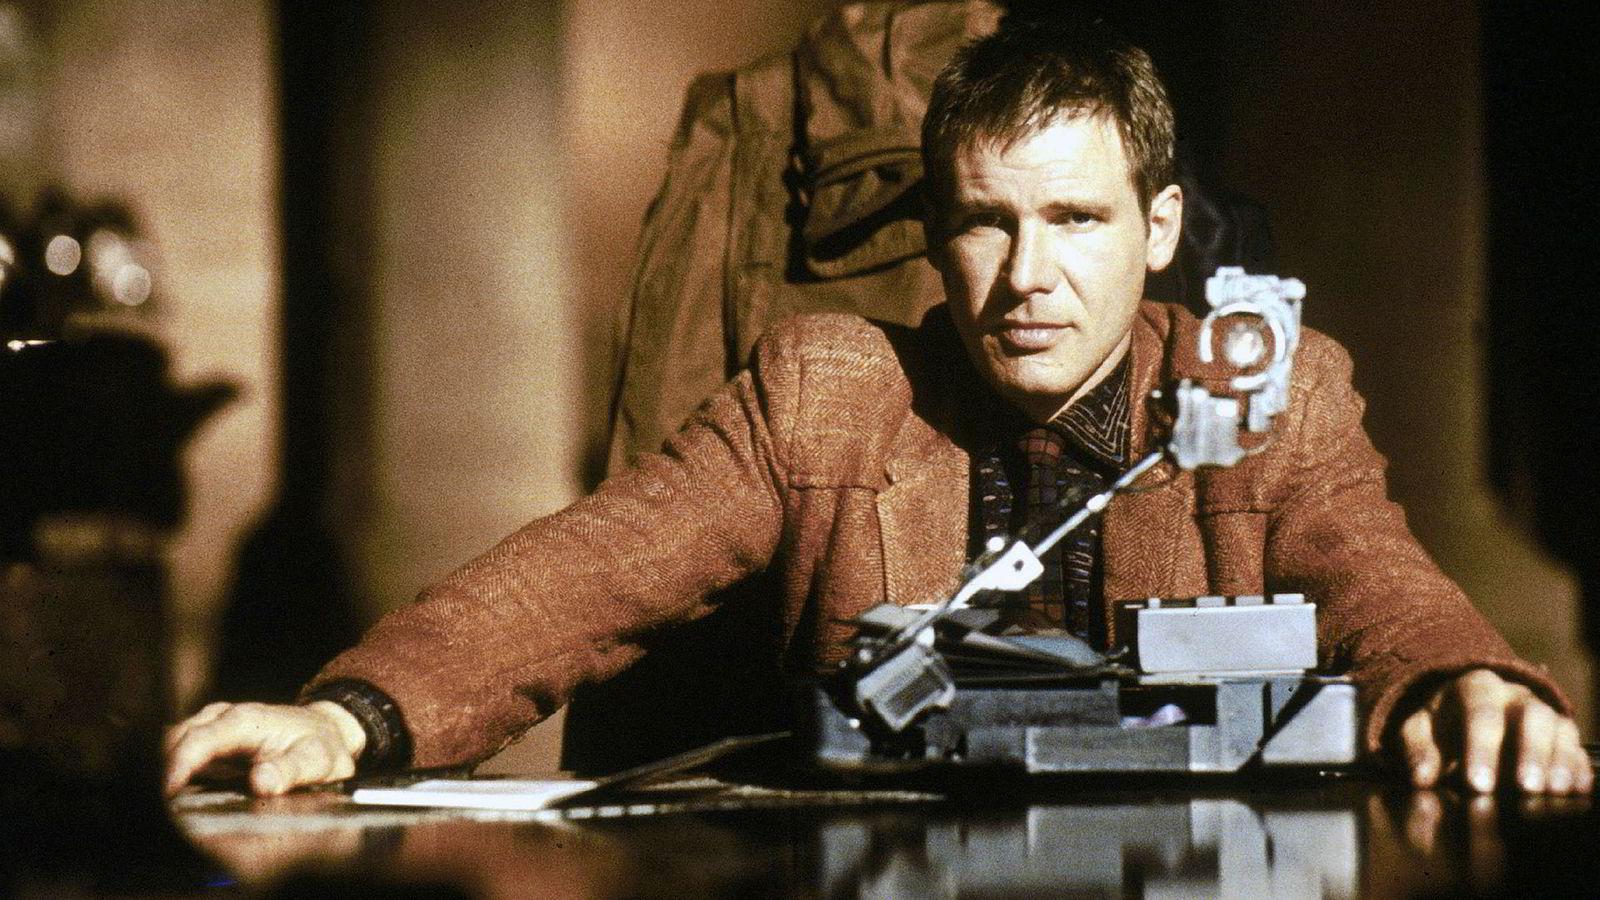 I Hollywood-filmer, som for eksempel Ridley Scotts Blade Runner fra 1982, illustreres kunstig intelligens som dystopiske maskiner der maskinene blir mer intelligente for hver generasjon.